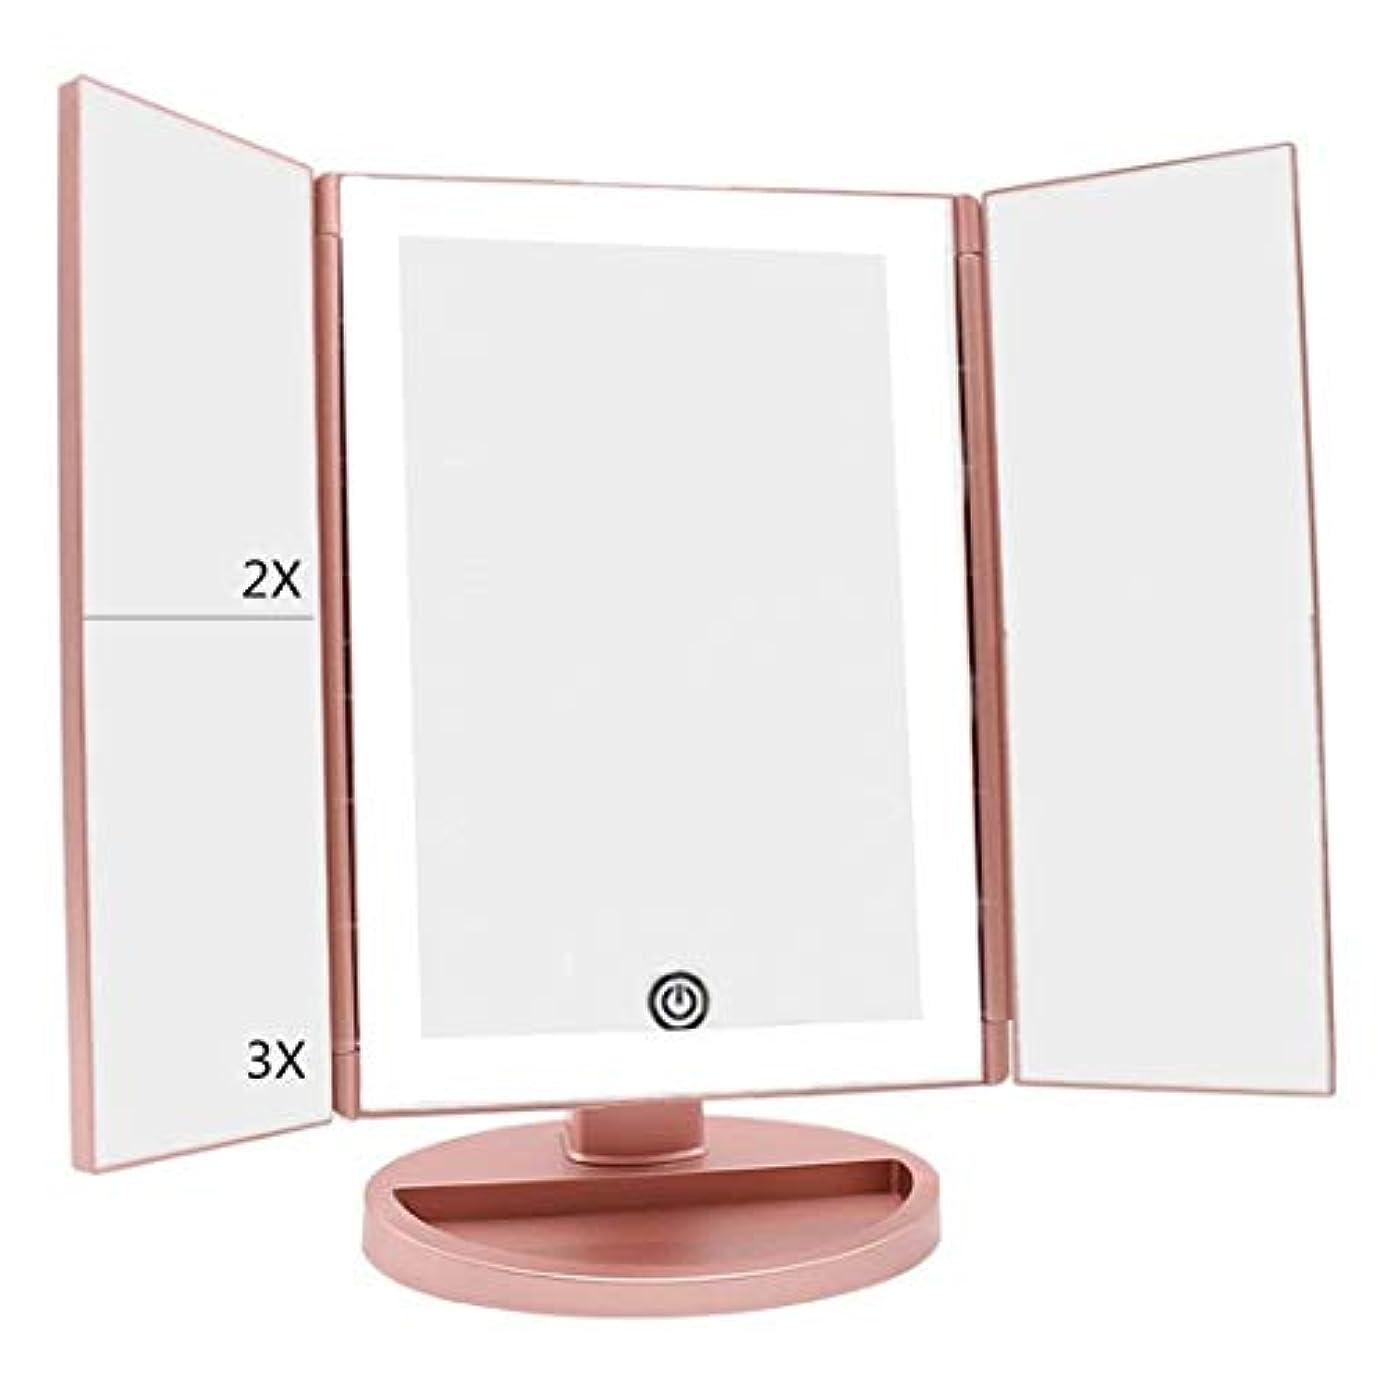 教育学材料認知DeWEISN 最新 36 タッチスクリーン調光および3倍/ 2倍/ 1倍 倍率ミラー180度自由に回転カウンター化粧鏡と自然 日光三つ折り点灯洗面化粧台化粧鏡を導きました ローズゴールド